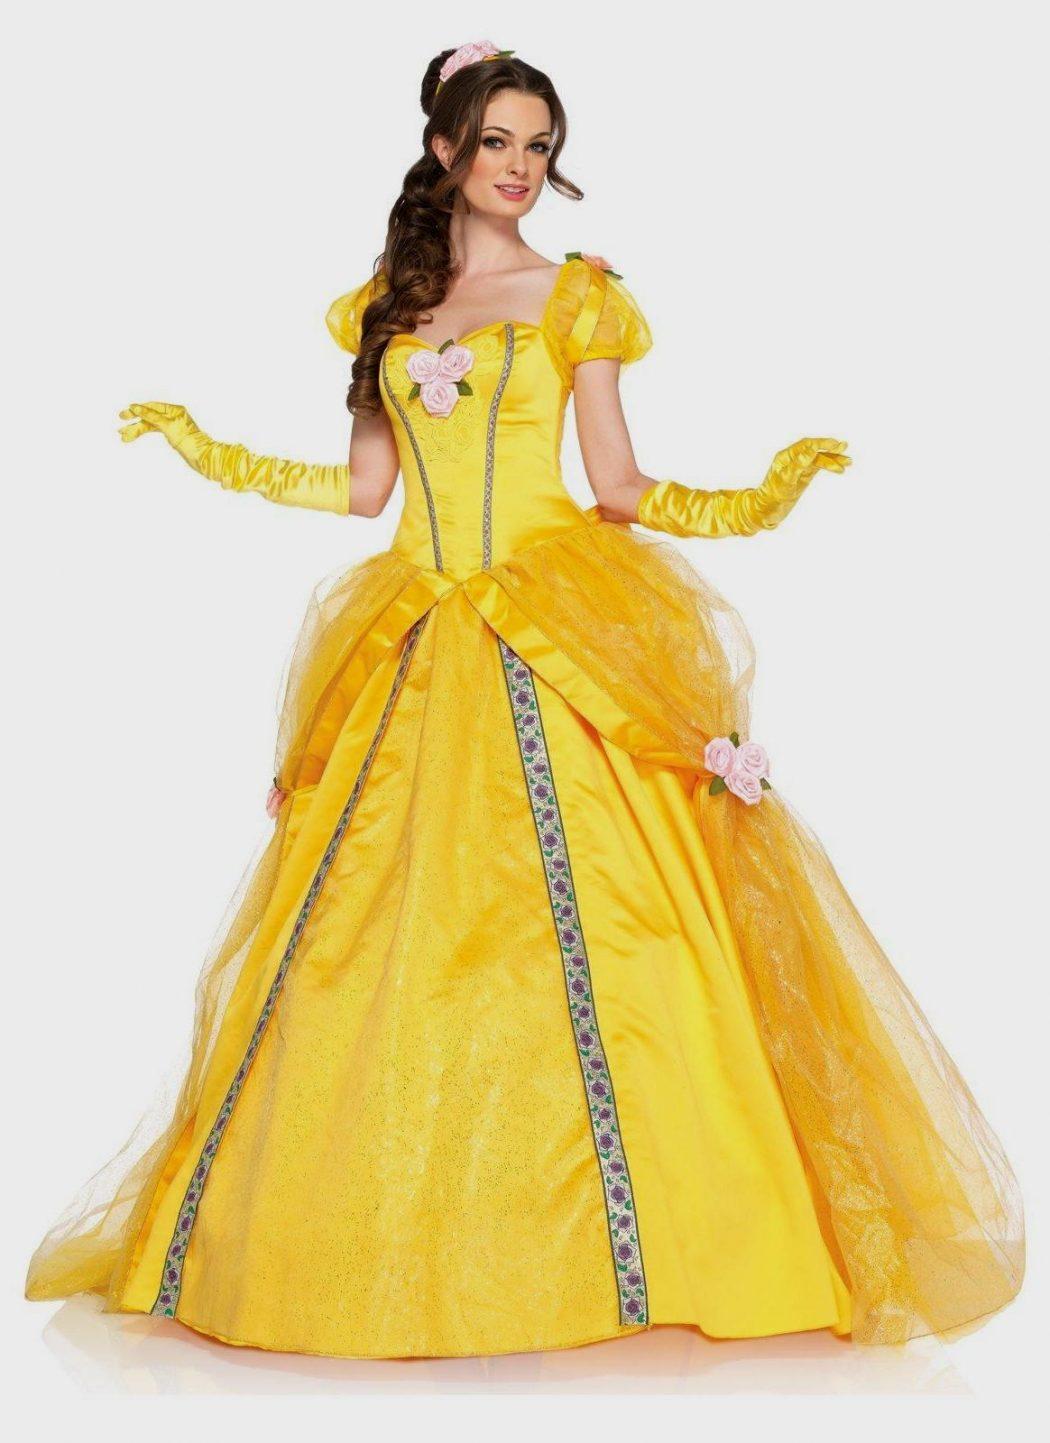 Princess1 Top 10 Teenagers Halloween Costumes Trends in 2017